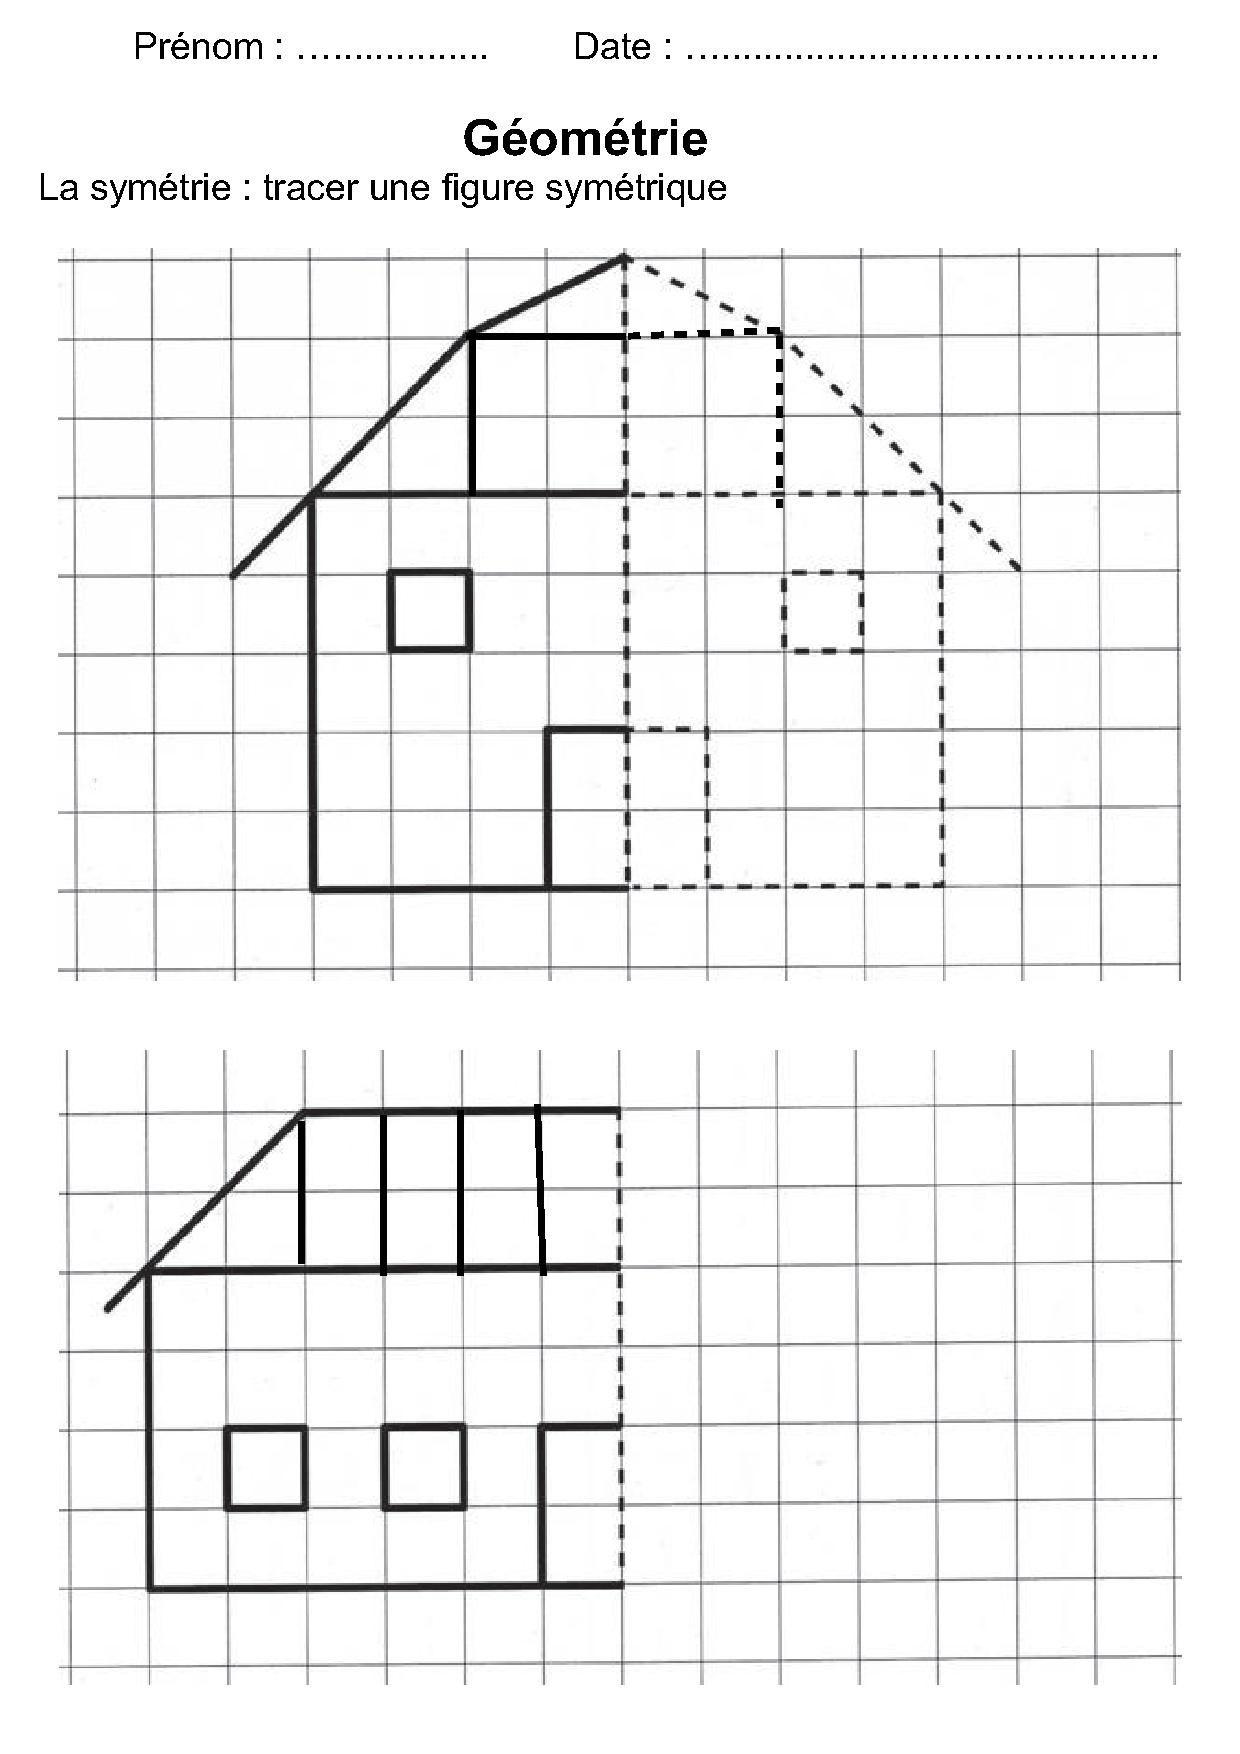 géométrie ce1,ce2,la symétrie,reproduire une figure ...